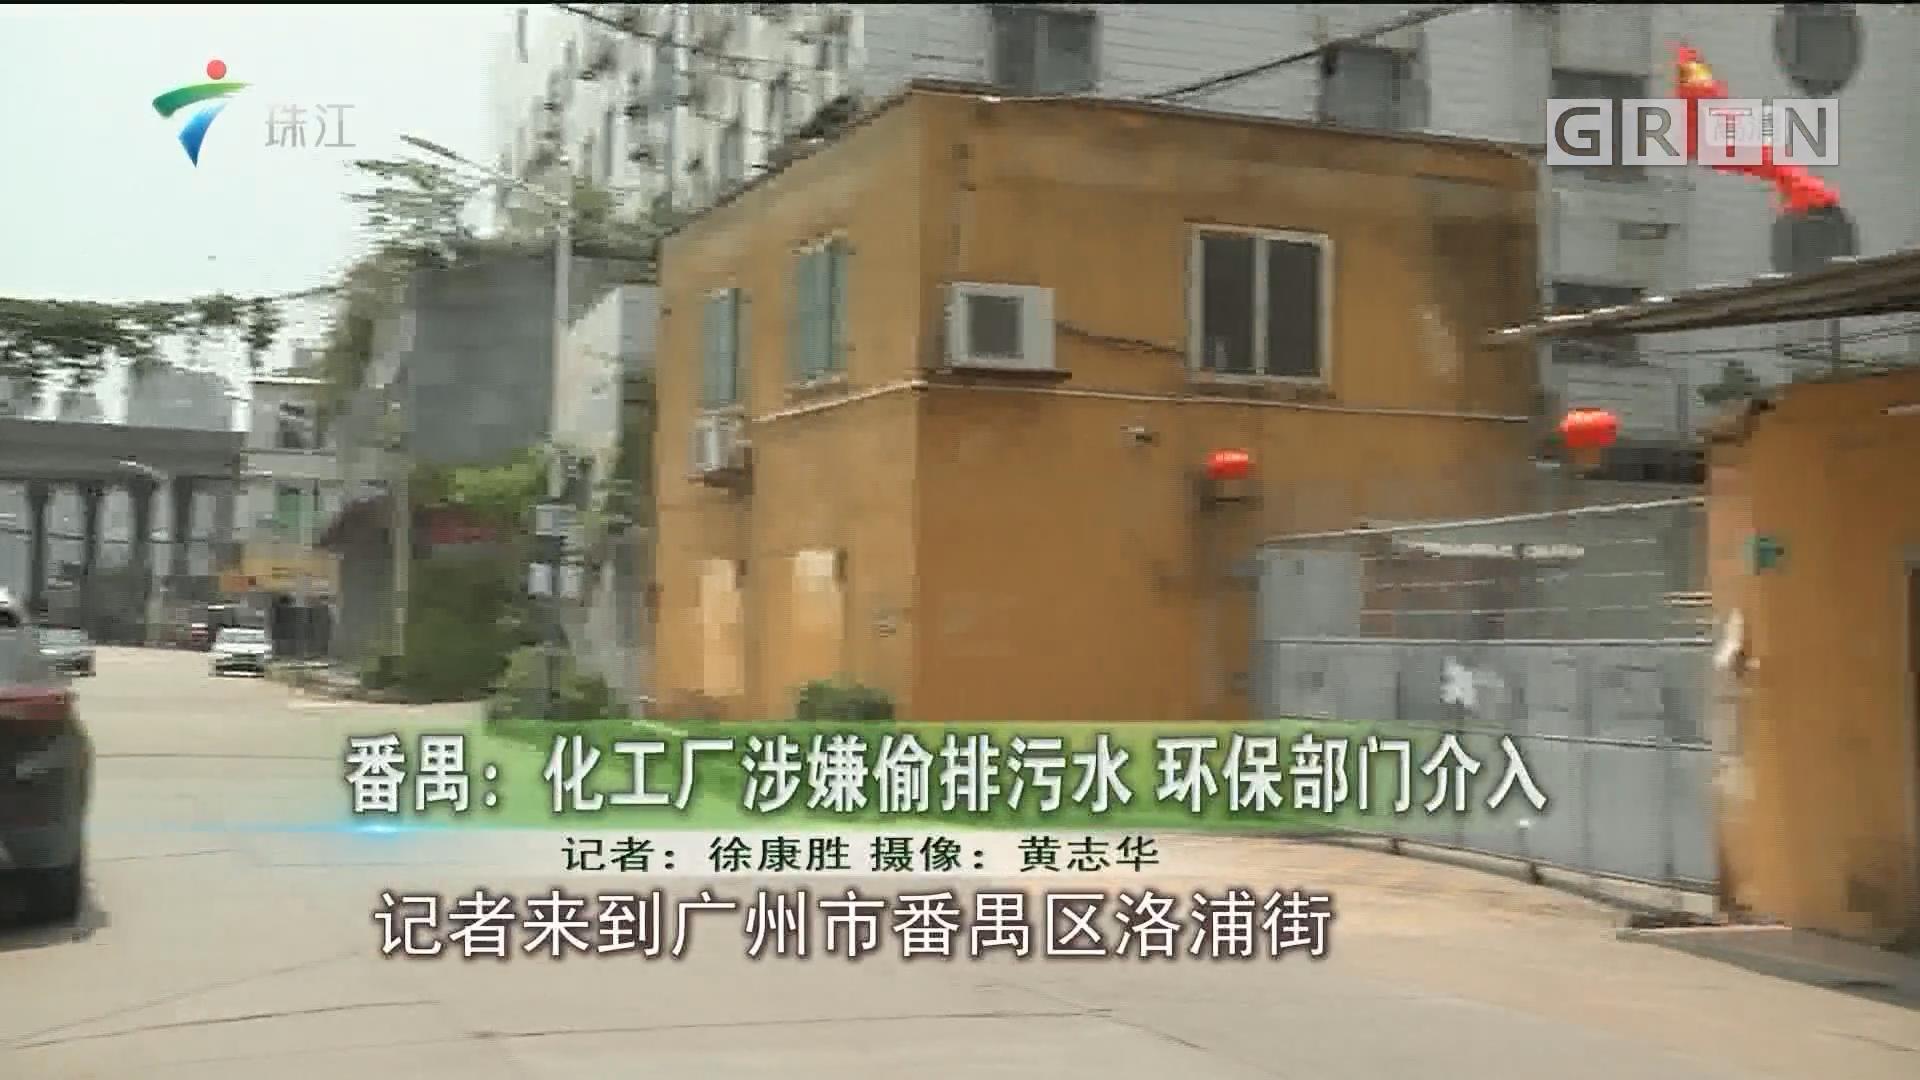 番禺:化工厂涉嫌偷排污水 环保部门介入